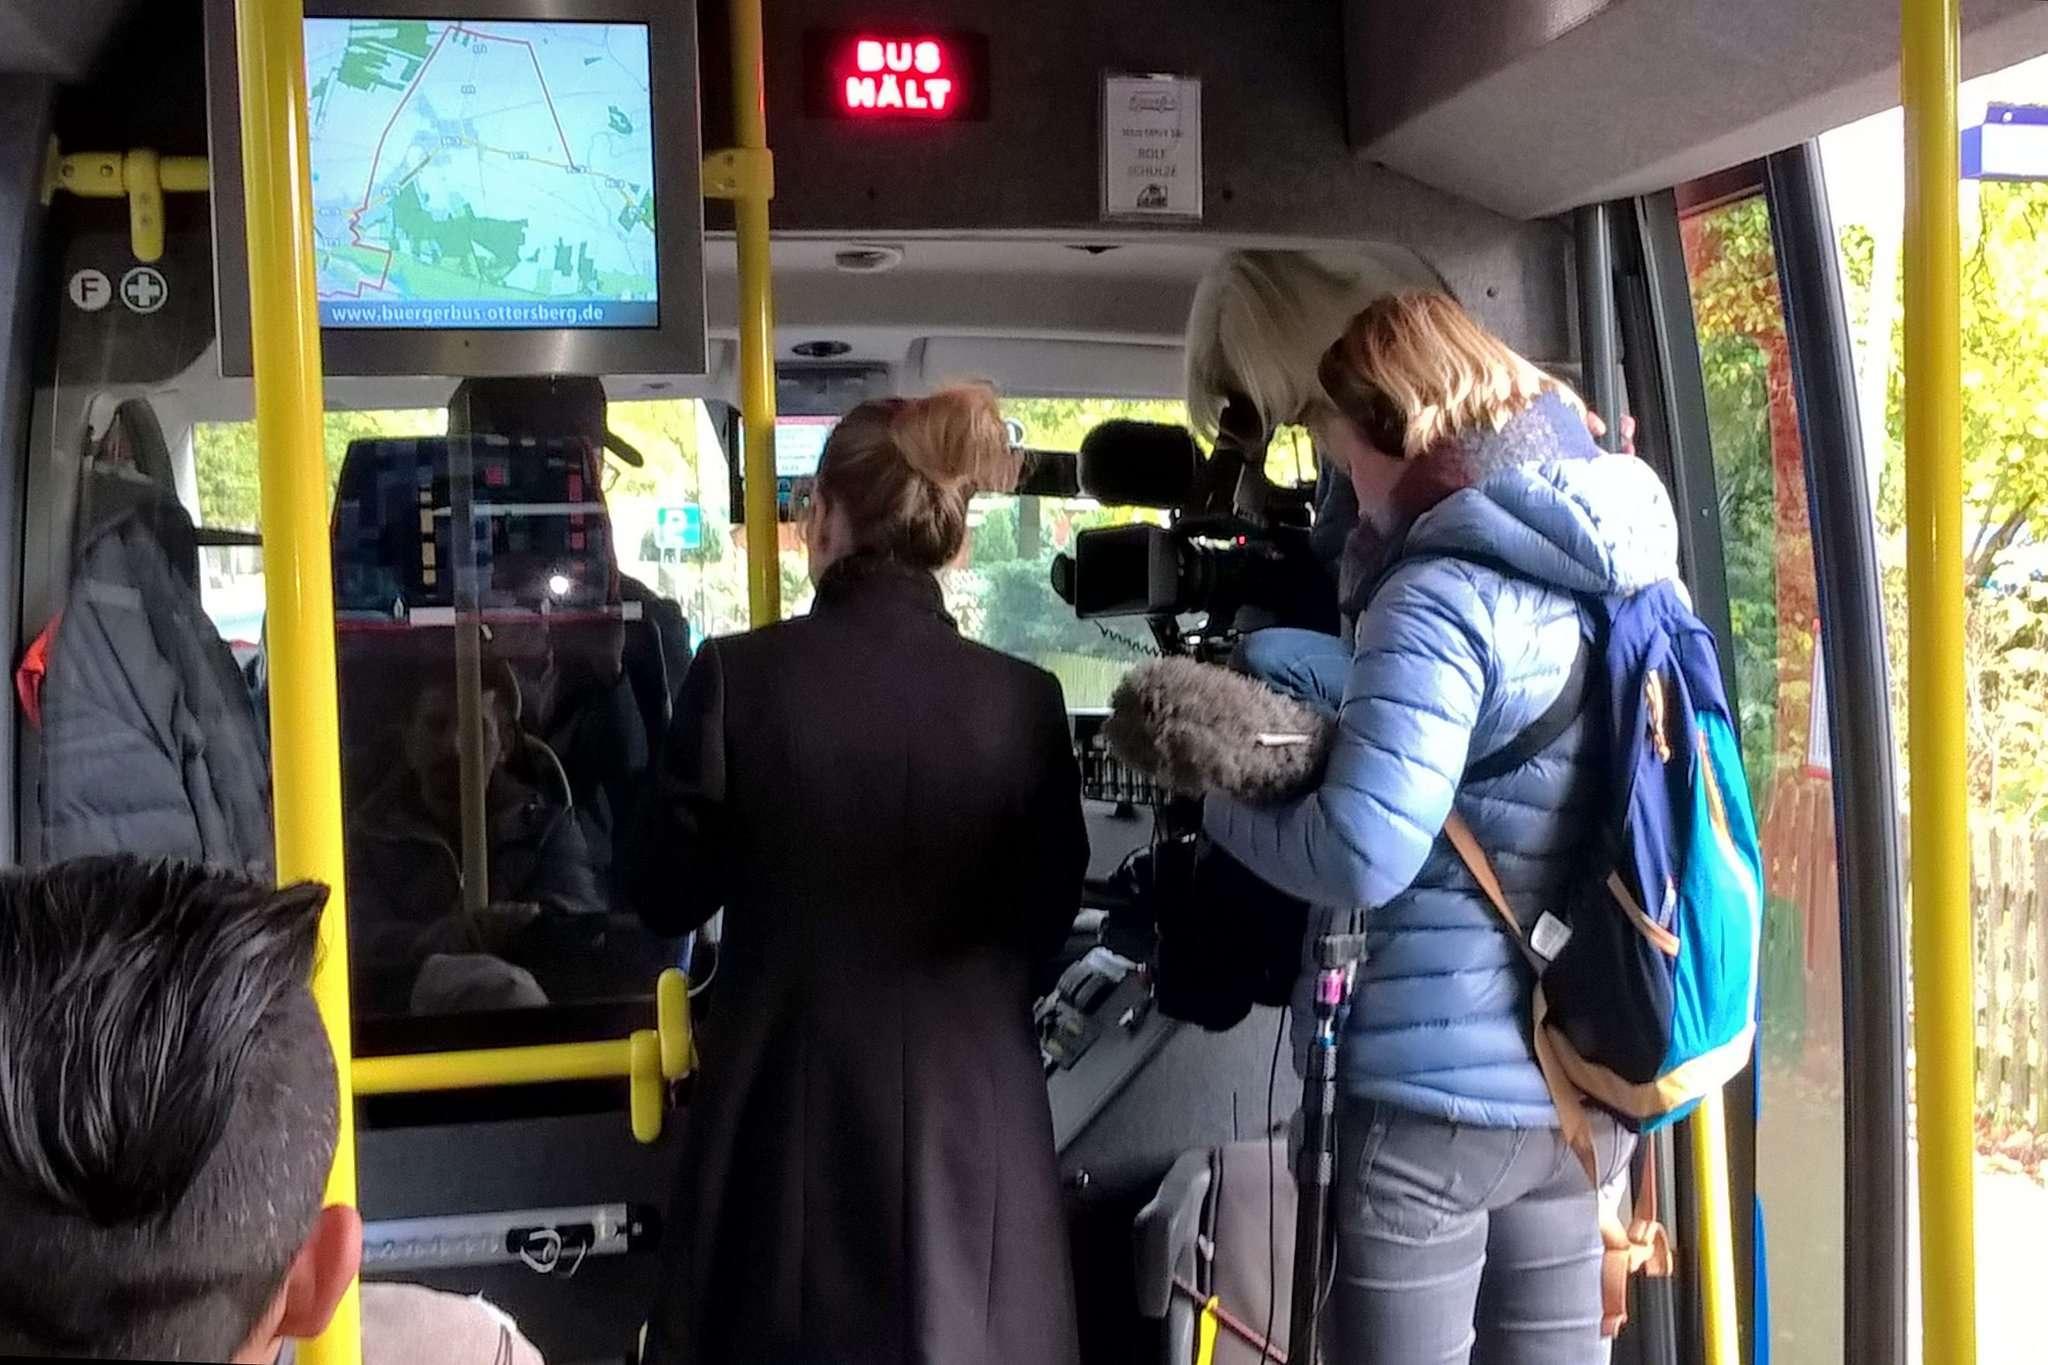 Ein Team des NDR war zu Besuch beim Bürgerbus in Ottersberg, um Fahrdienstleiter Rolf Schulze eine ganz besondere Überraschung zu bescheren. Foto: Bürgerbusverein Ottersberg